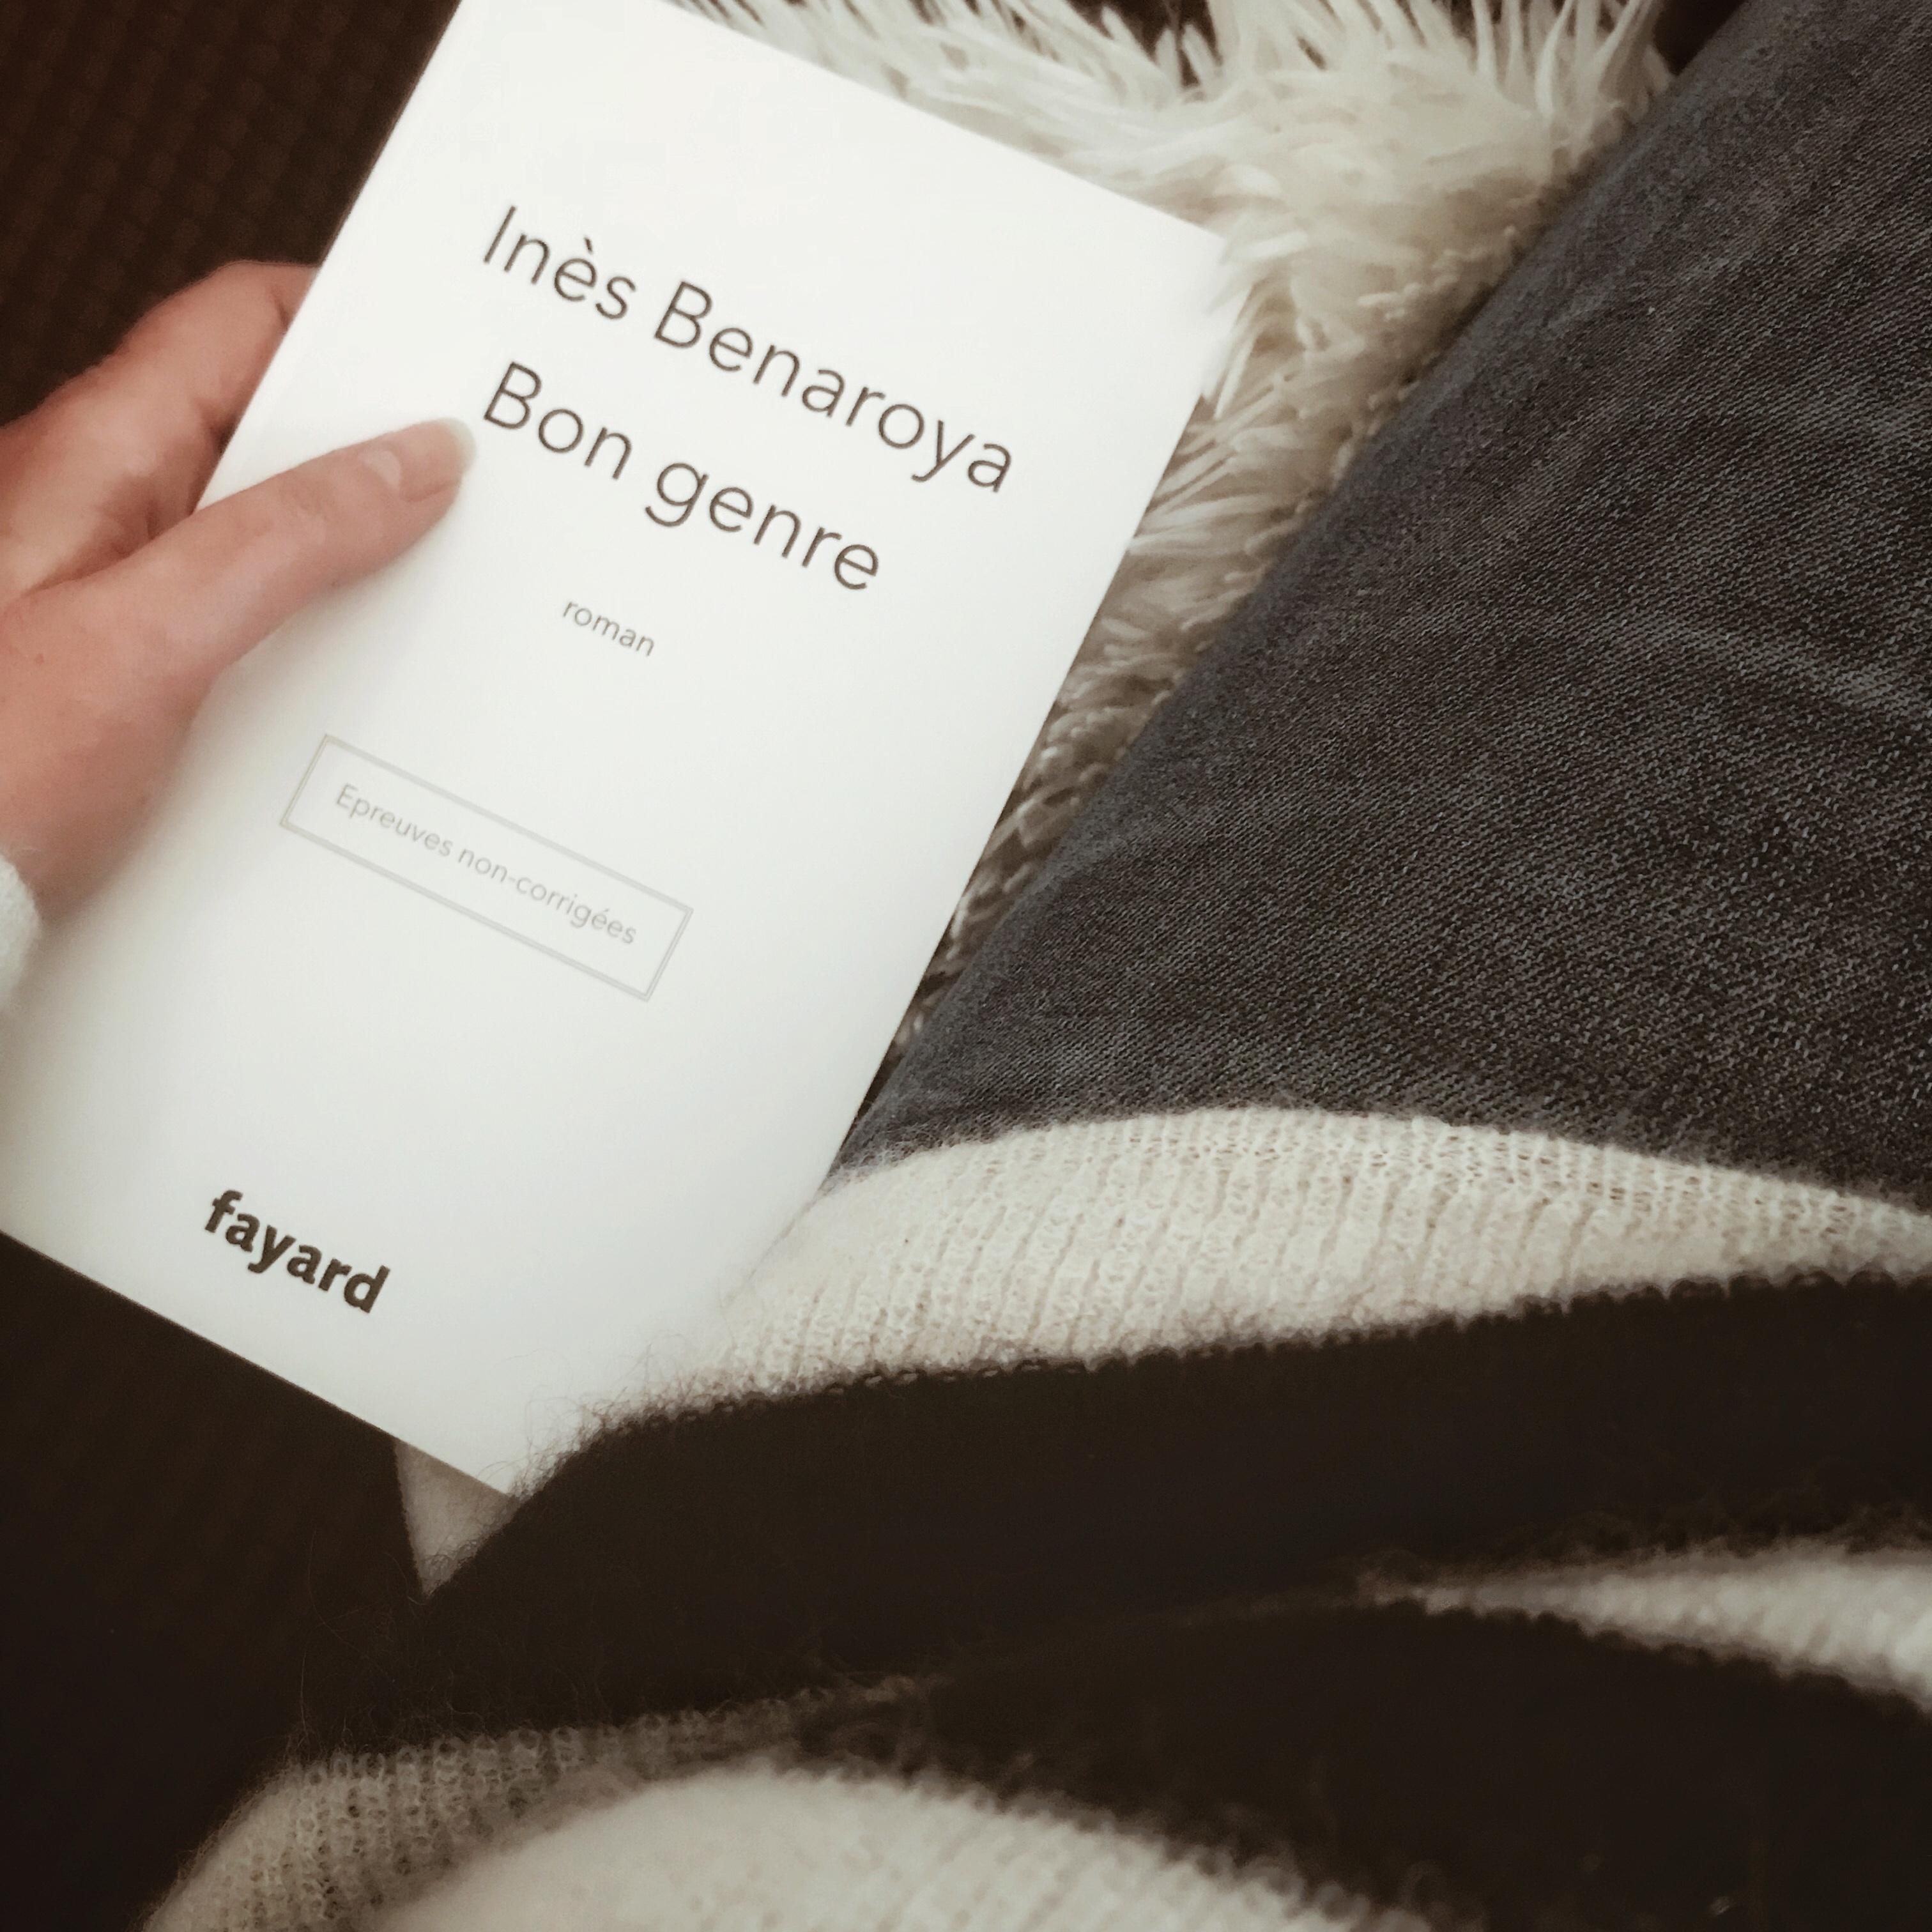 Bon genre, d'Ines Benaroya : l'élan vers soi